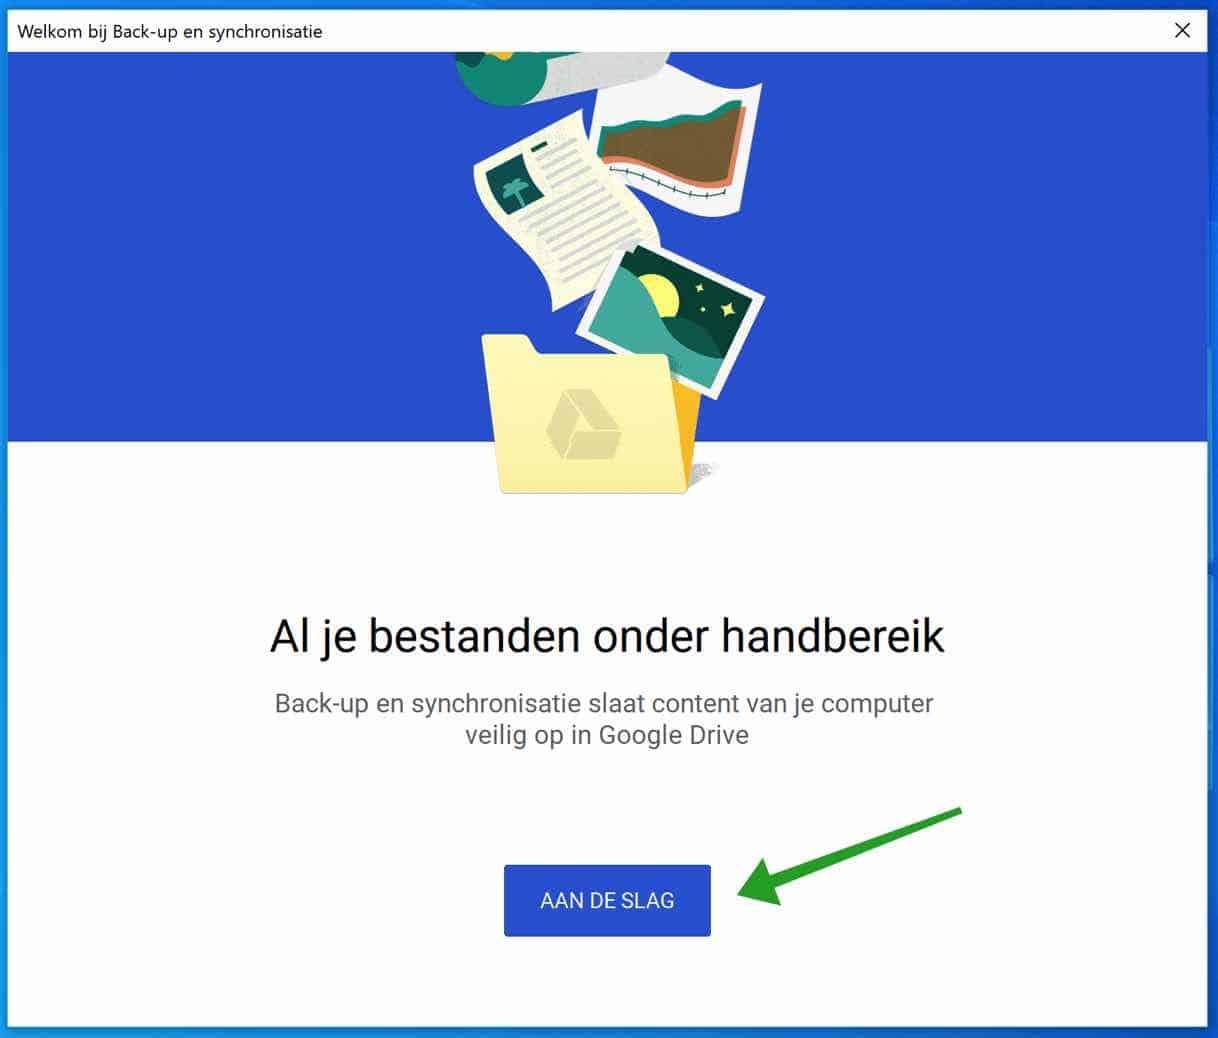 Back-up maken van bestanden op uw computer naar Google Drive